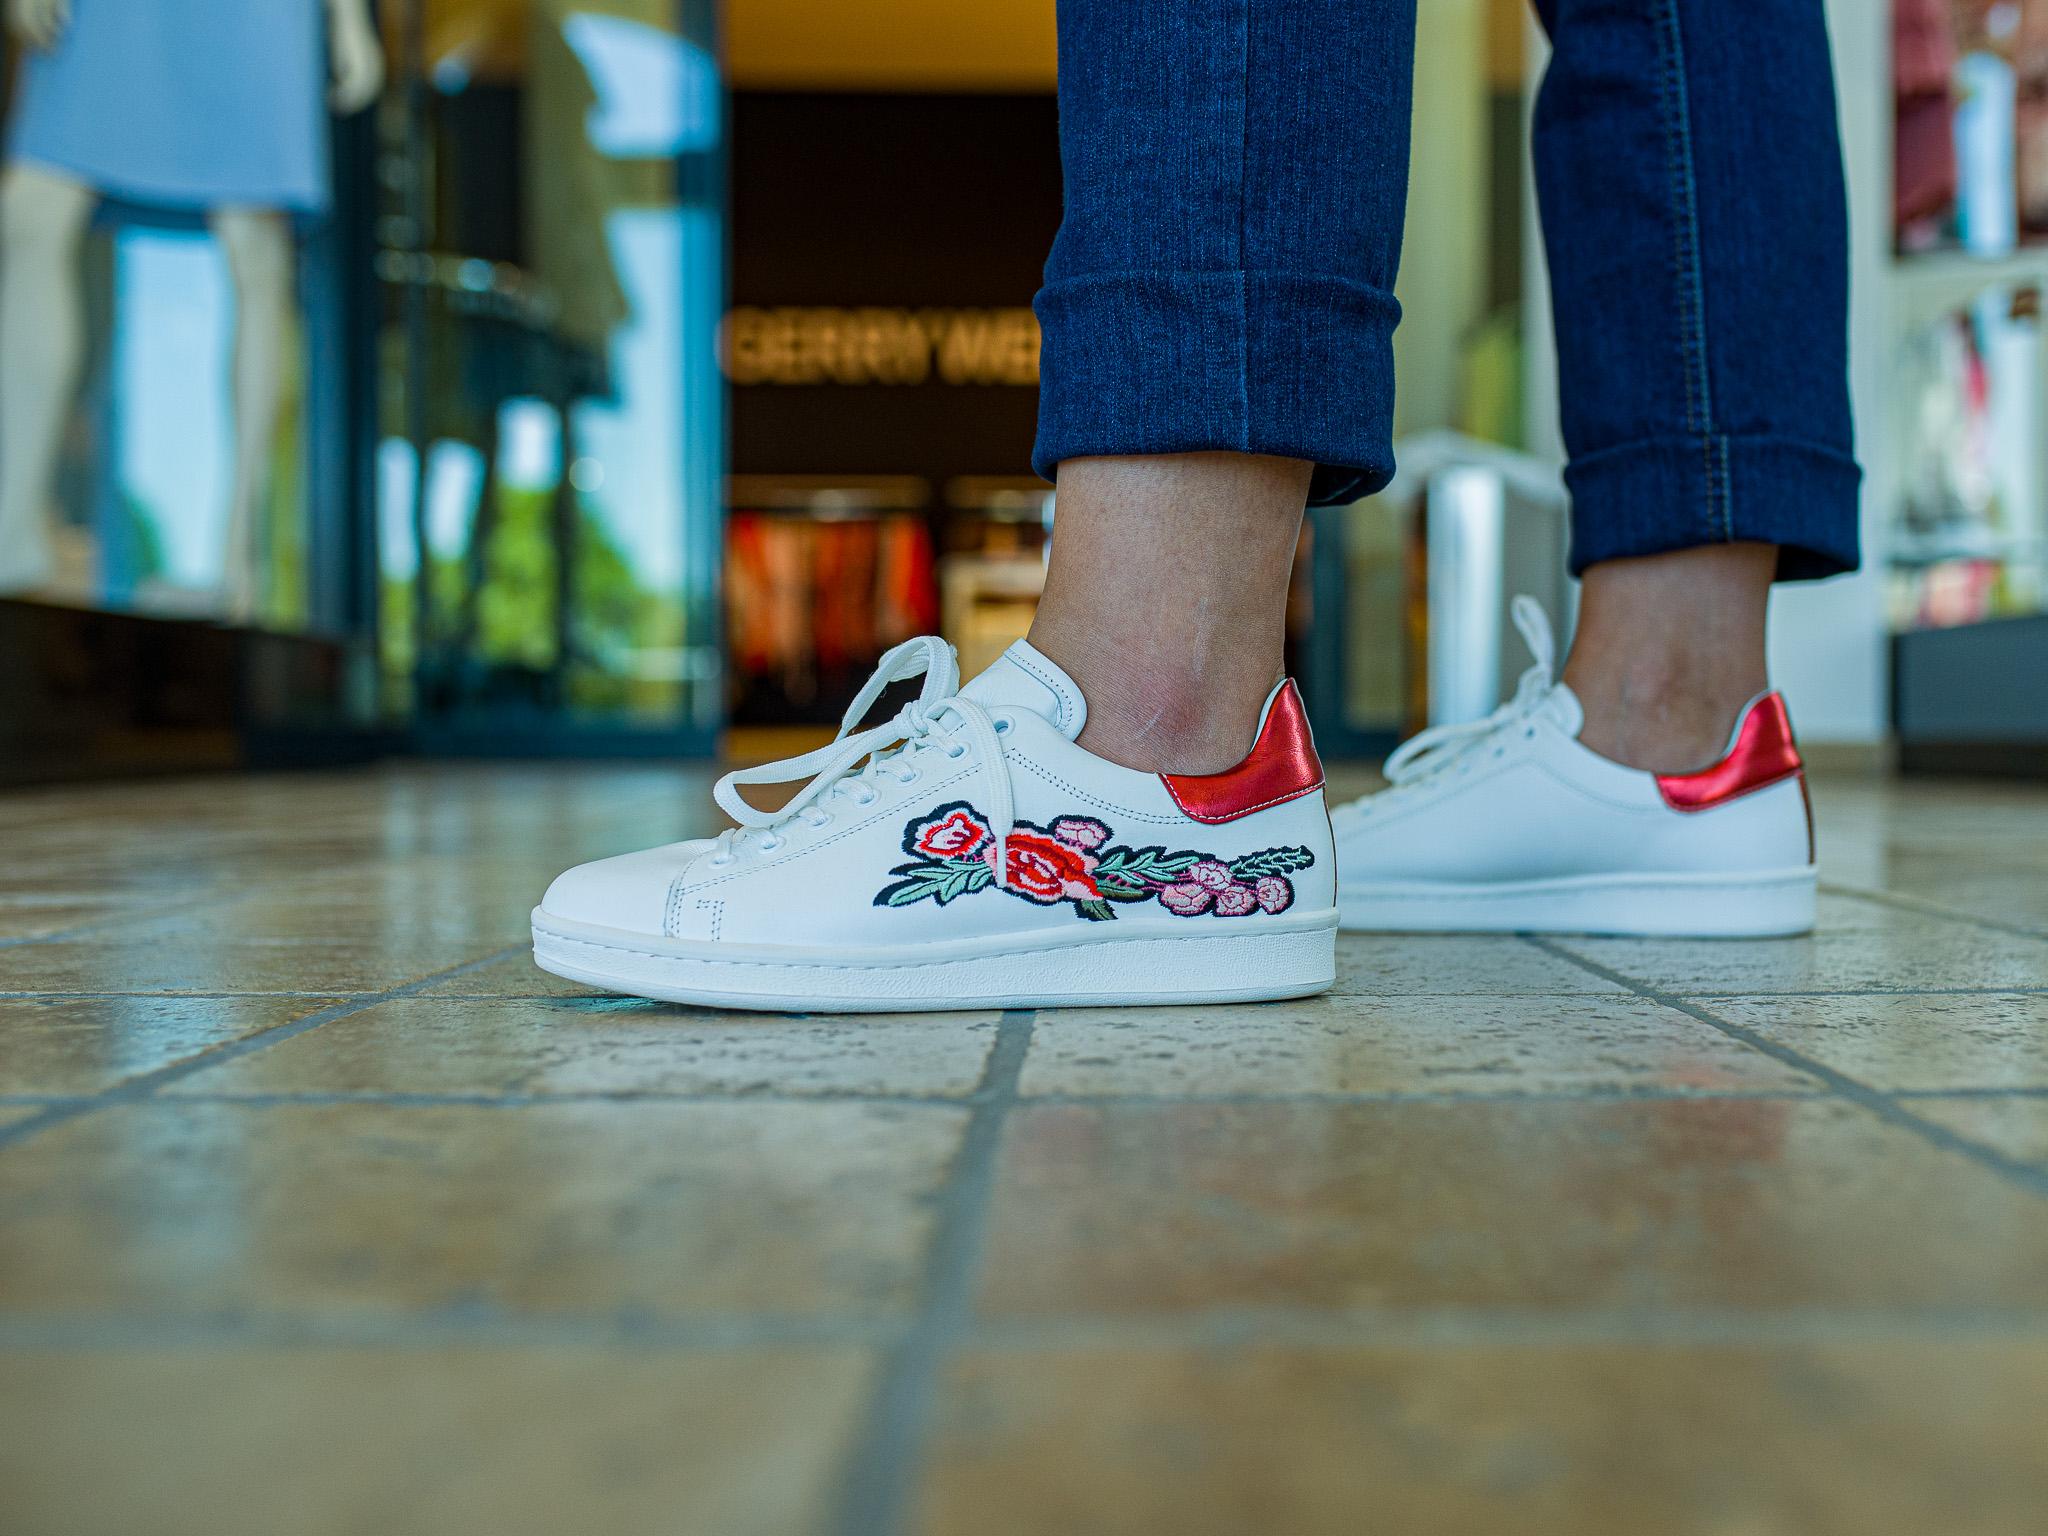 Weiße Sneakers mit sommerlichen Blumenprints sind voll im Trend. Foto: Pascal Hoefig.